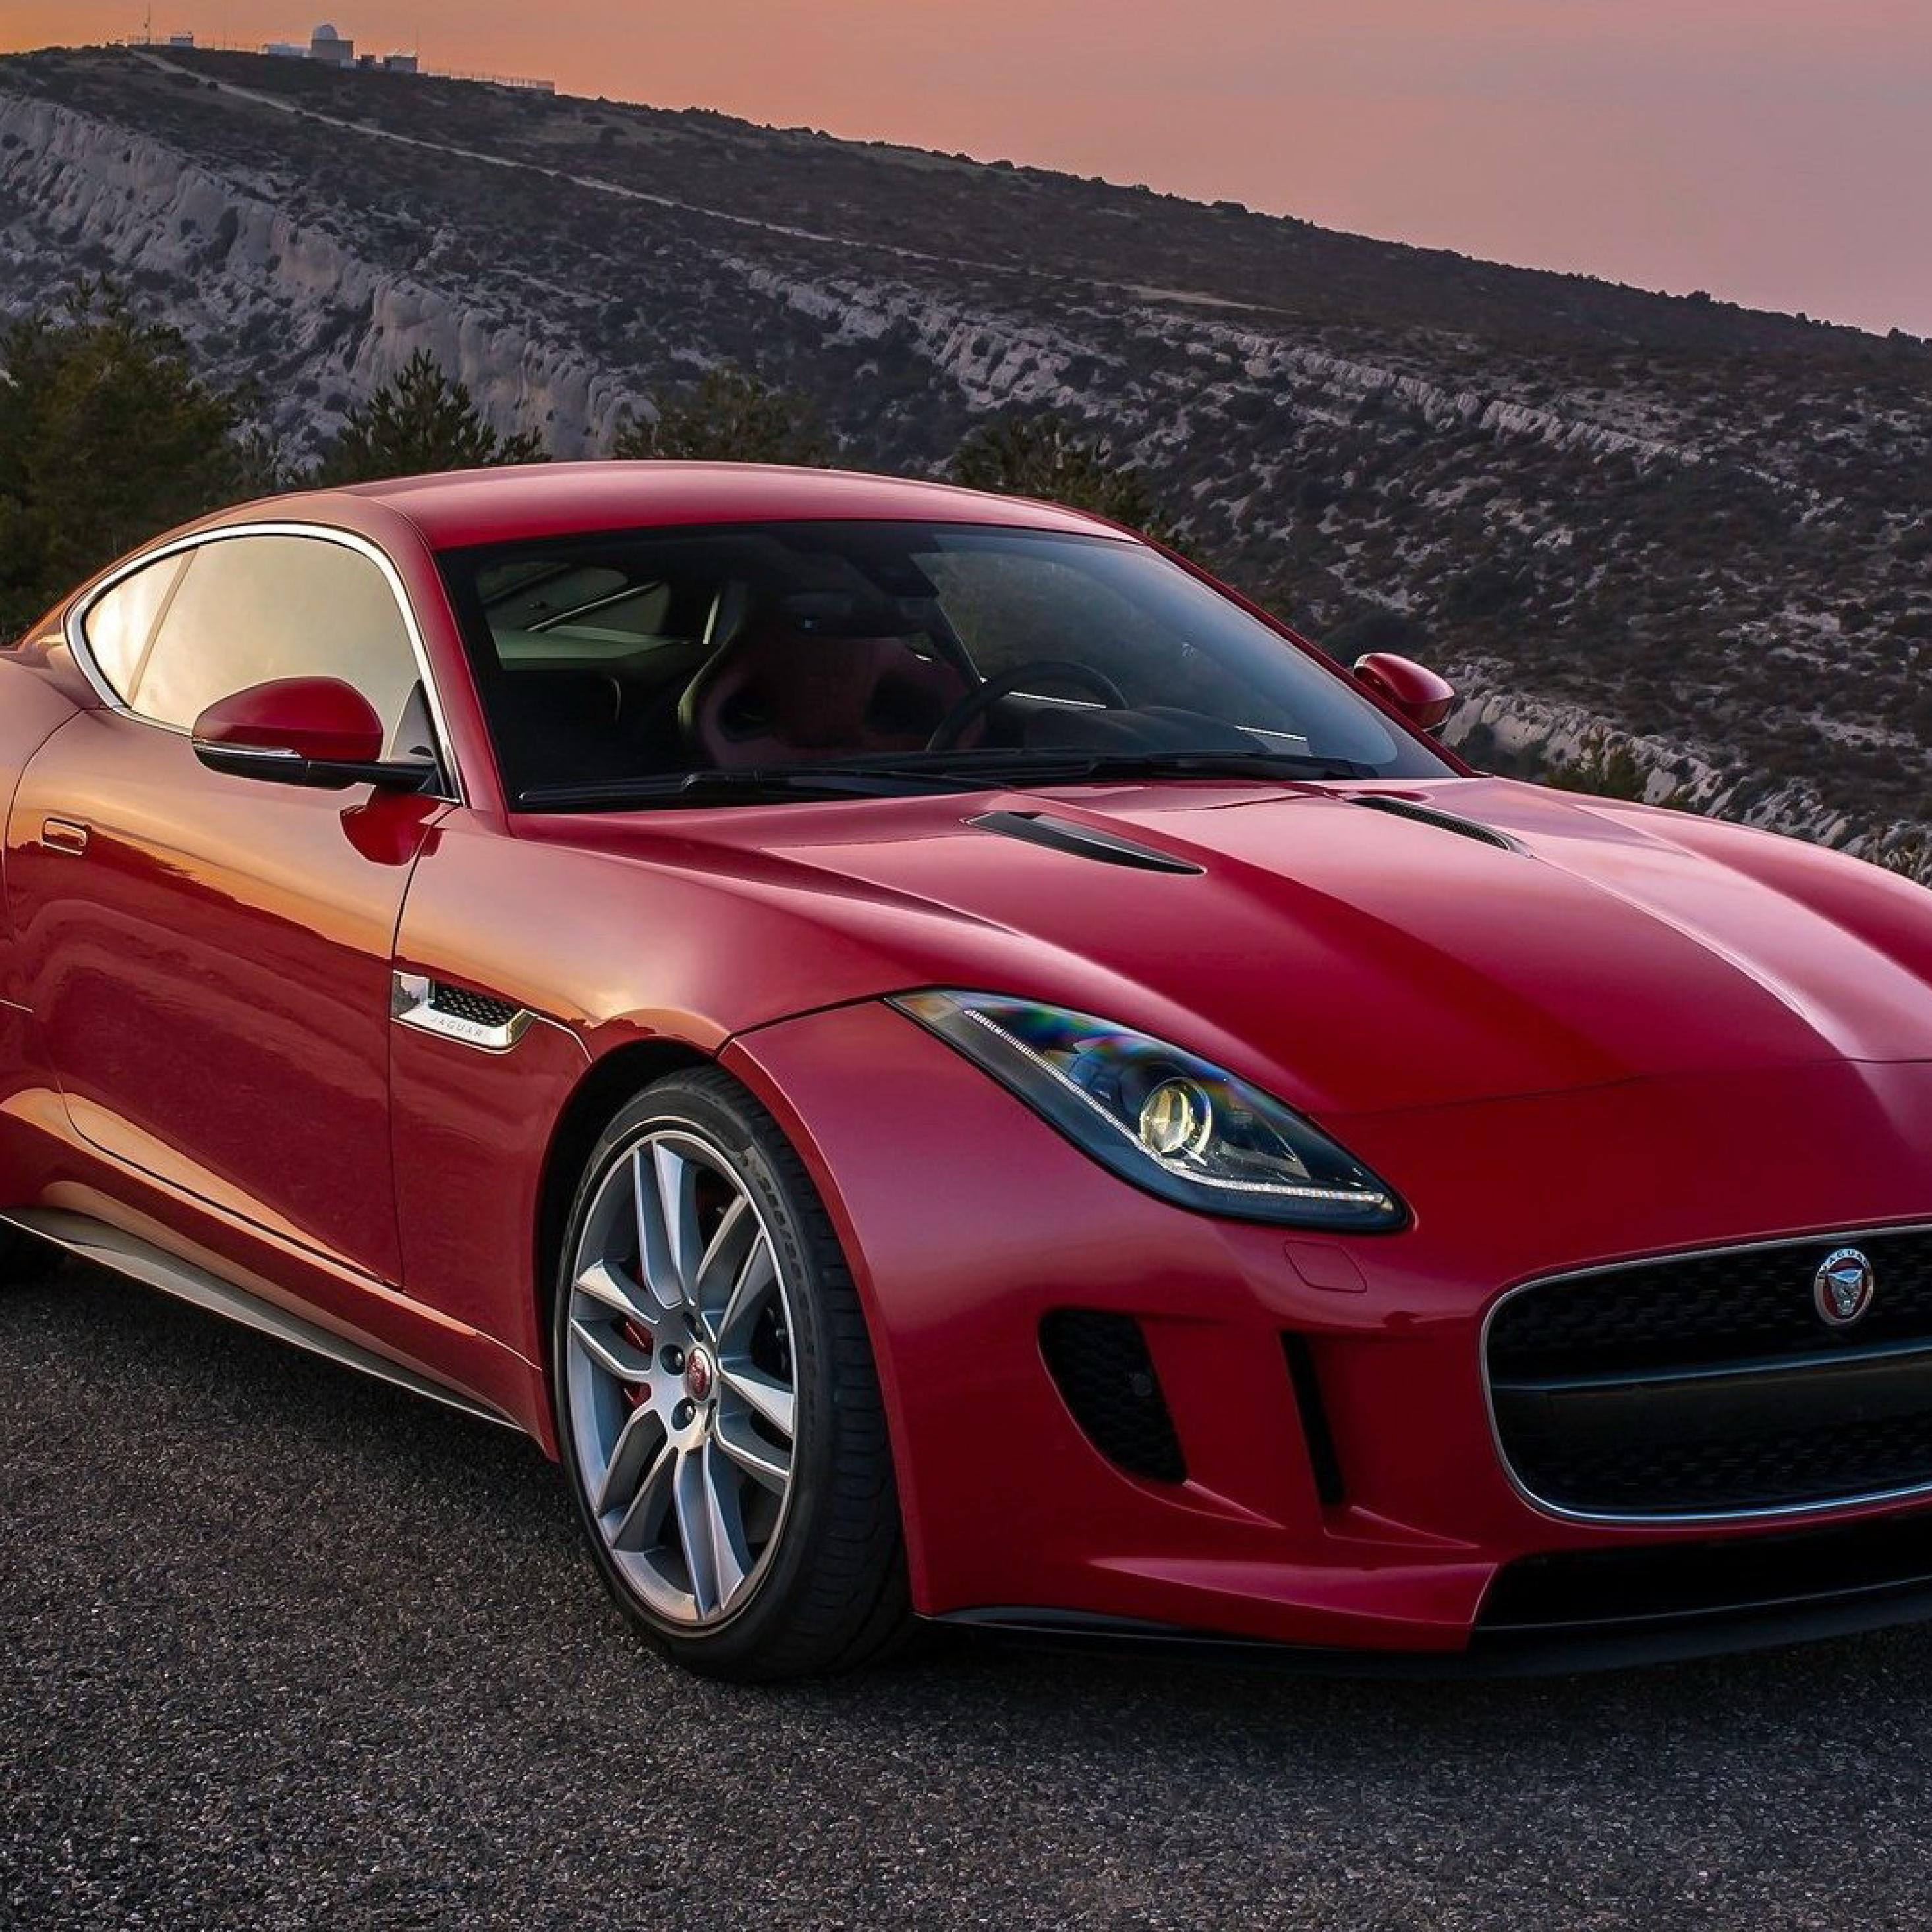 Jaguar Car Wallpaper: Jaguar, F-type, Red, Full HD Wallpaper